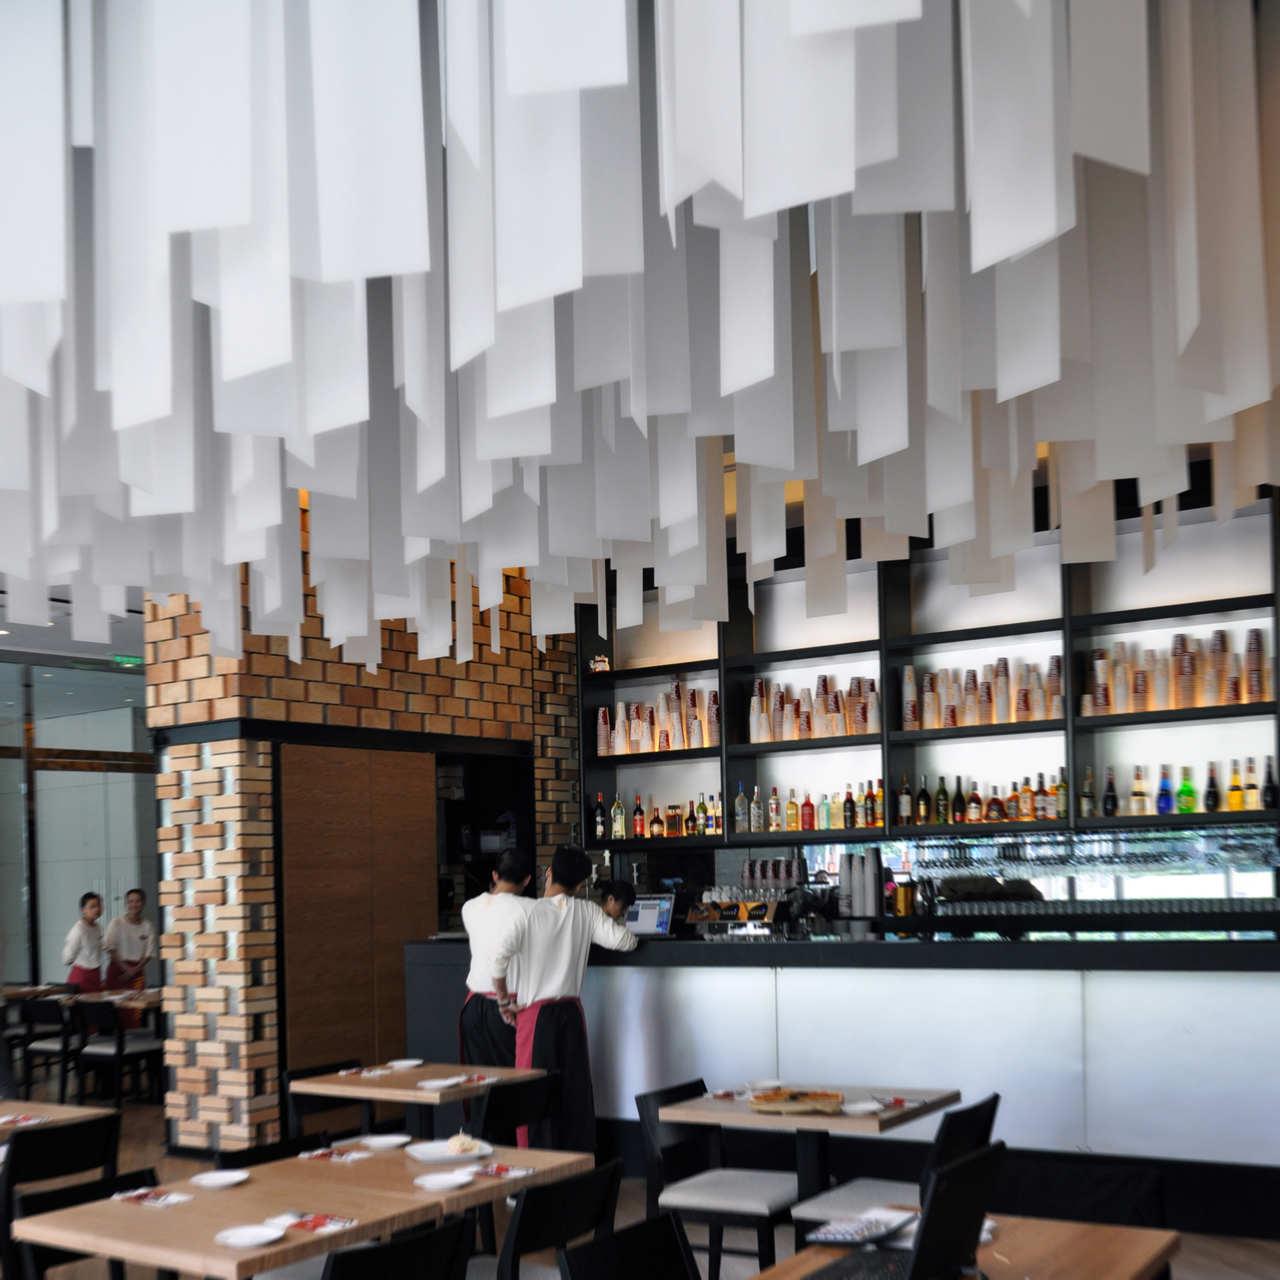 Cornerstone Restaurant / STUDIO RAMOPRIMO , Cortesia  Cornerstone STUDIO RAMOPRIMO